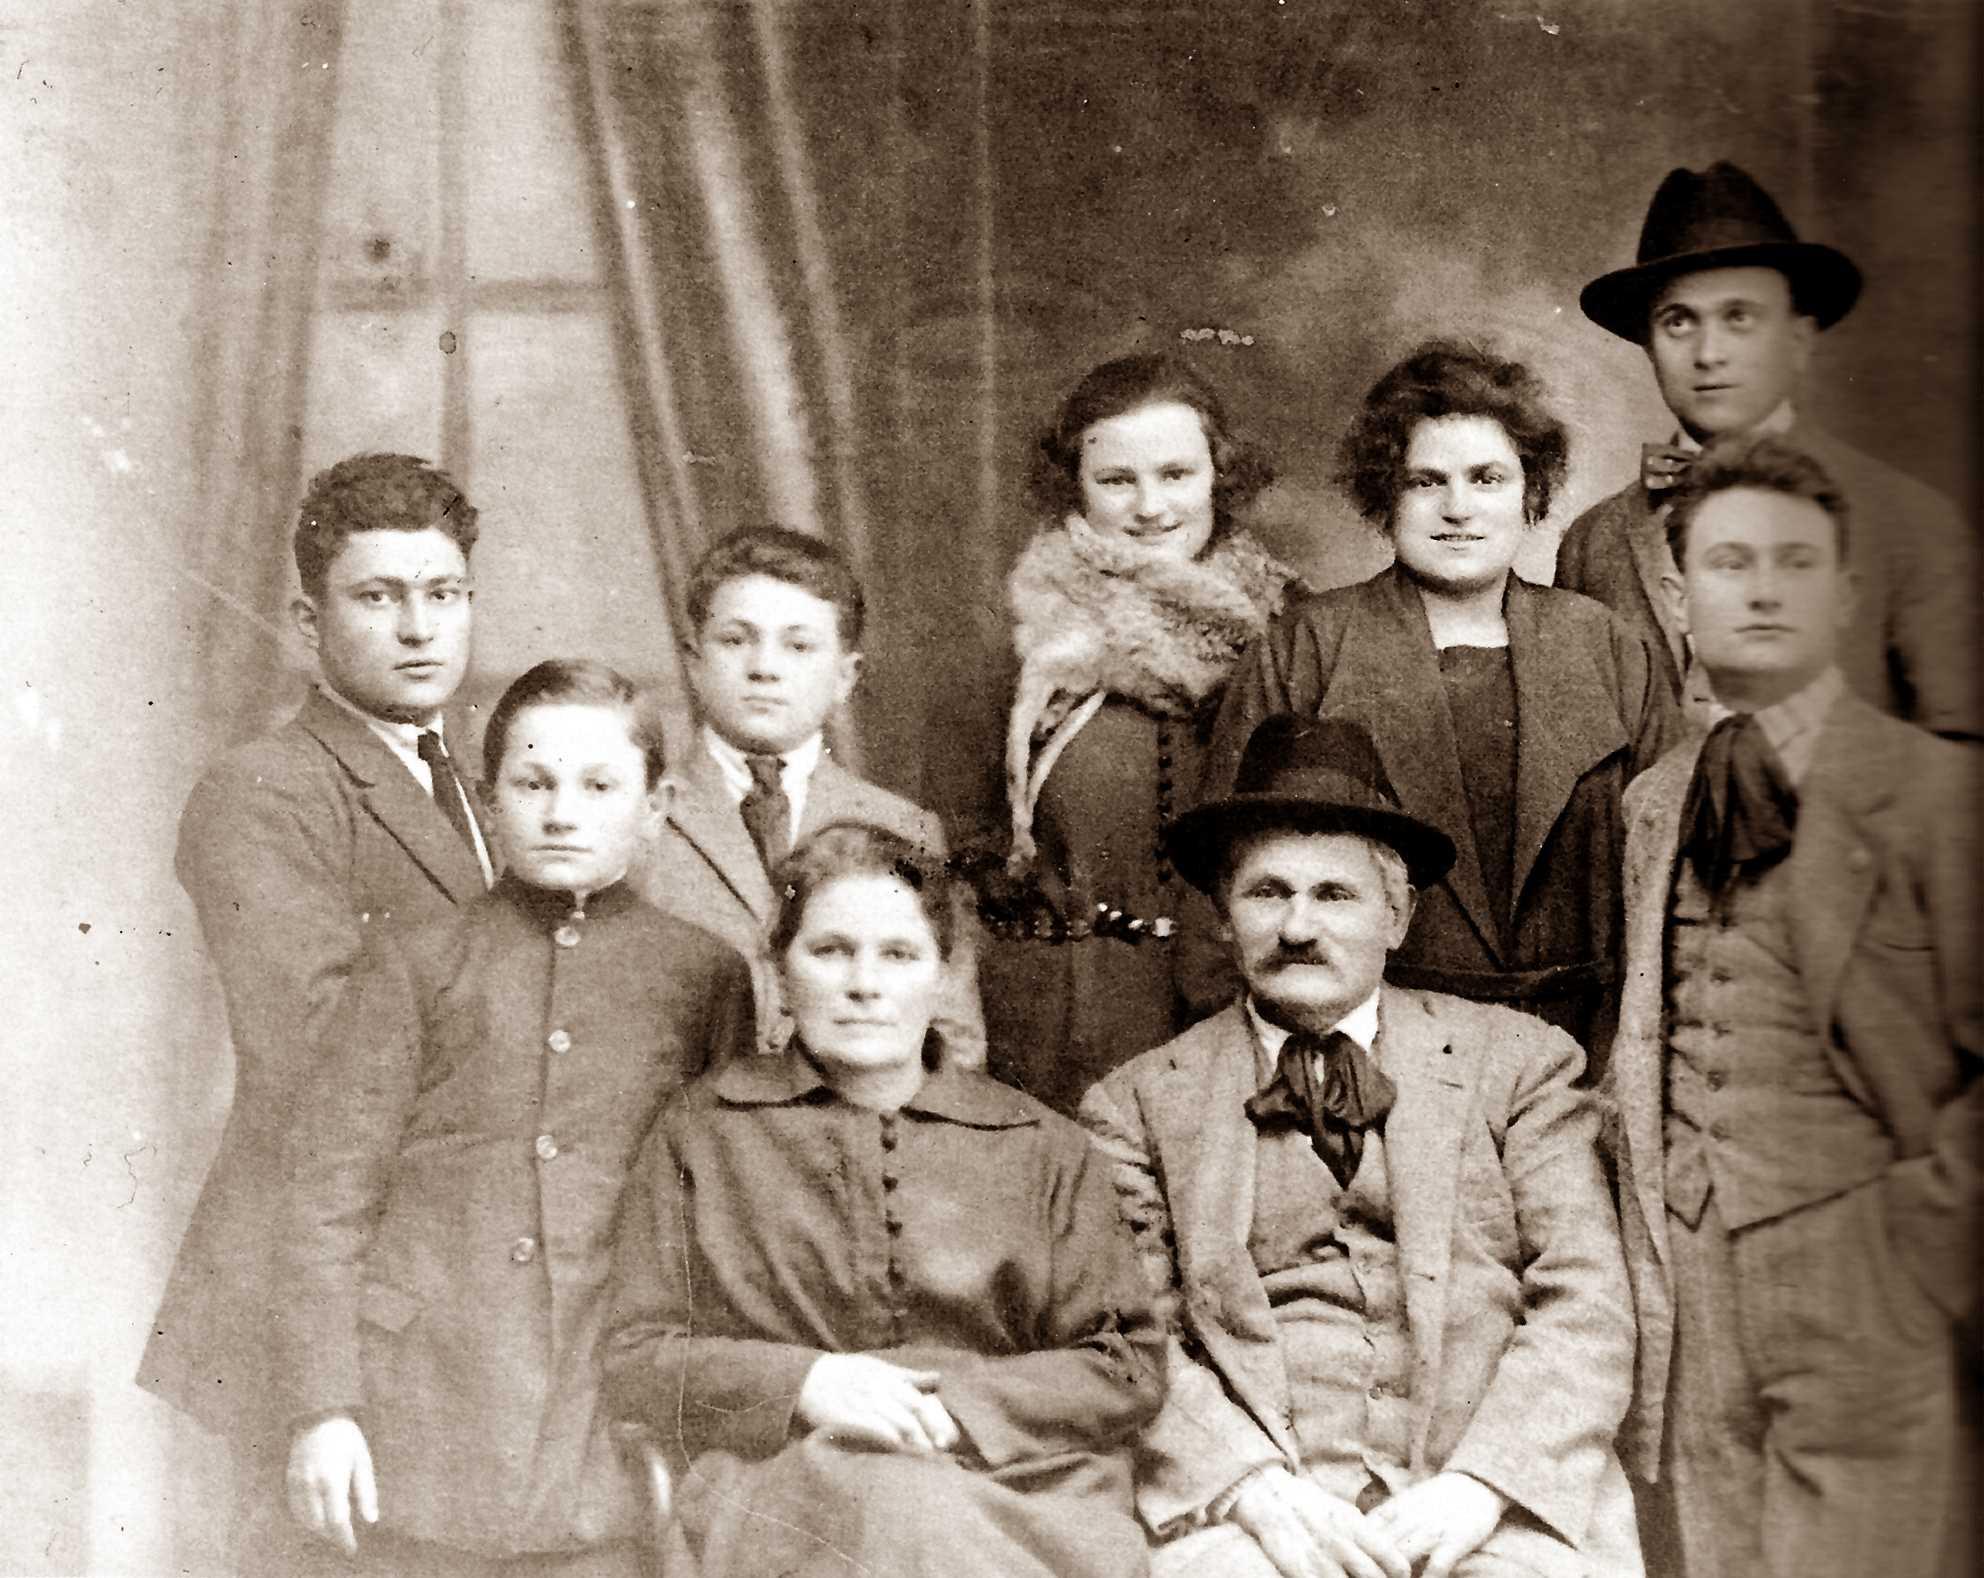 Família Girolimetti (1922). Asseguts la parella Ercole Girolimetti i Anna Fronzi. Drets, d'esquerra a dreta: Mario, Ferruccio, Carlo, Felicita, Maria, Renato i Natale